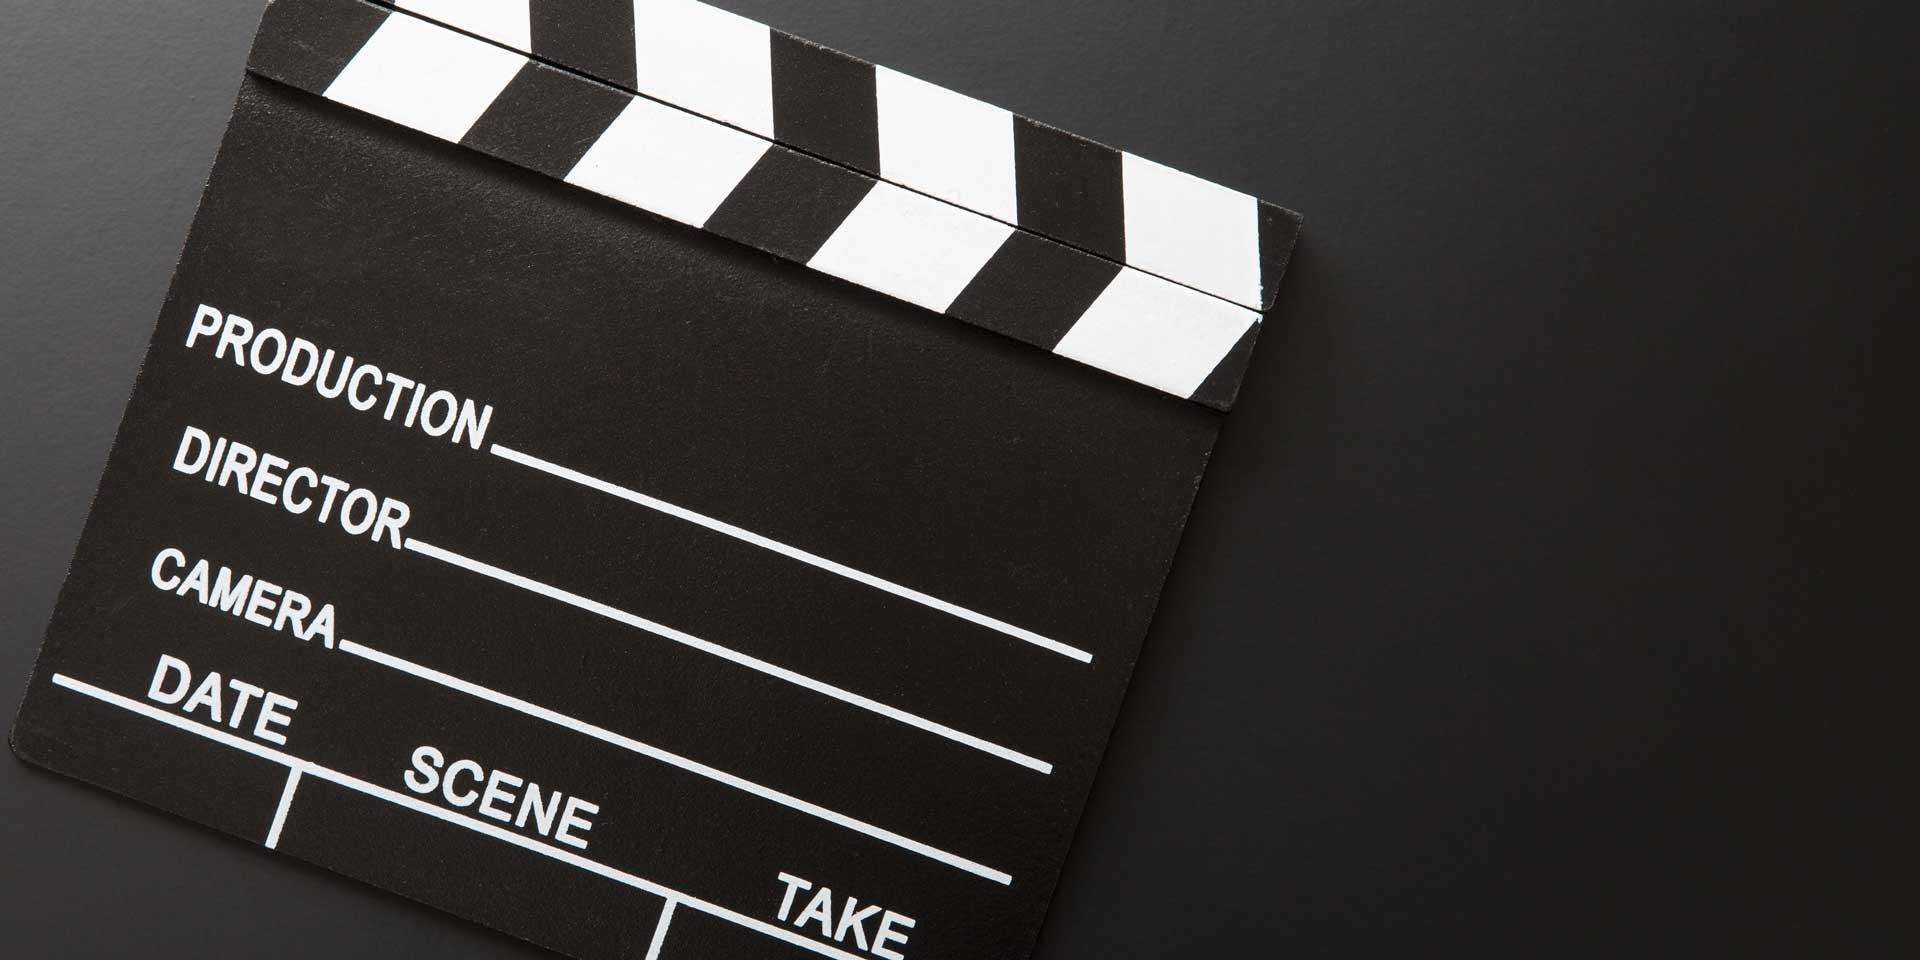 bujtor filmfesztivál nevezés